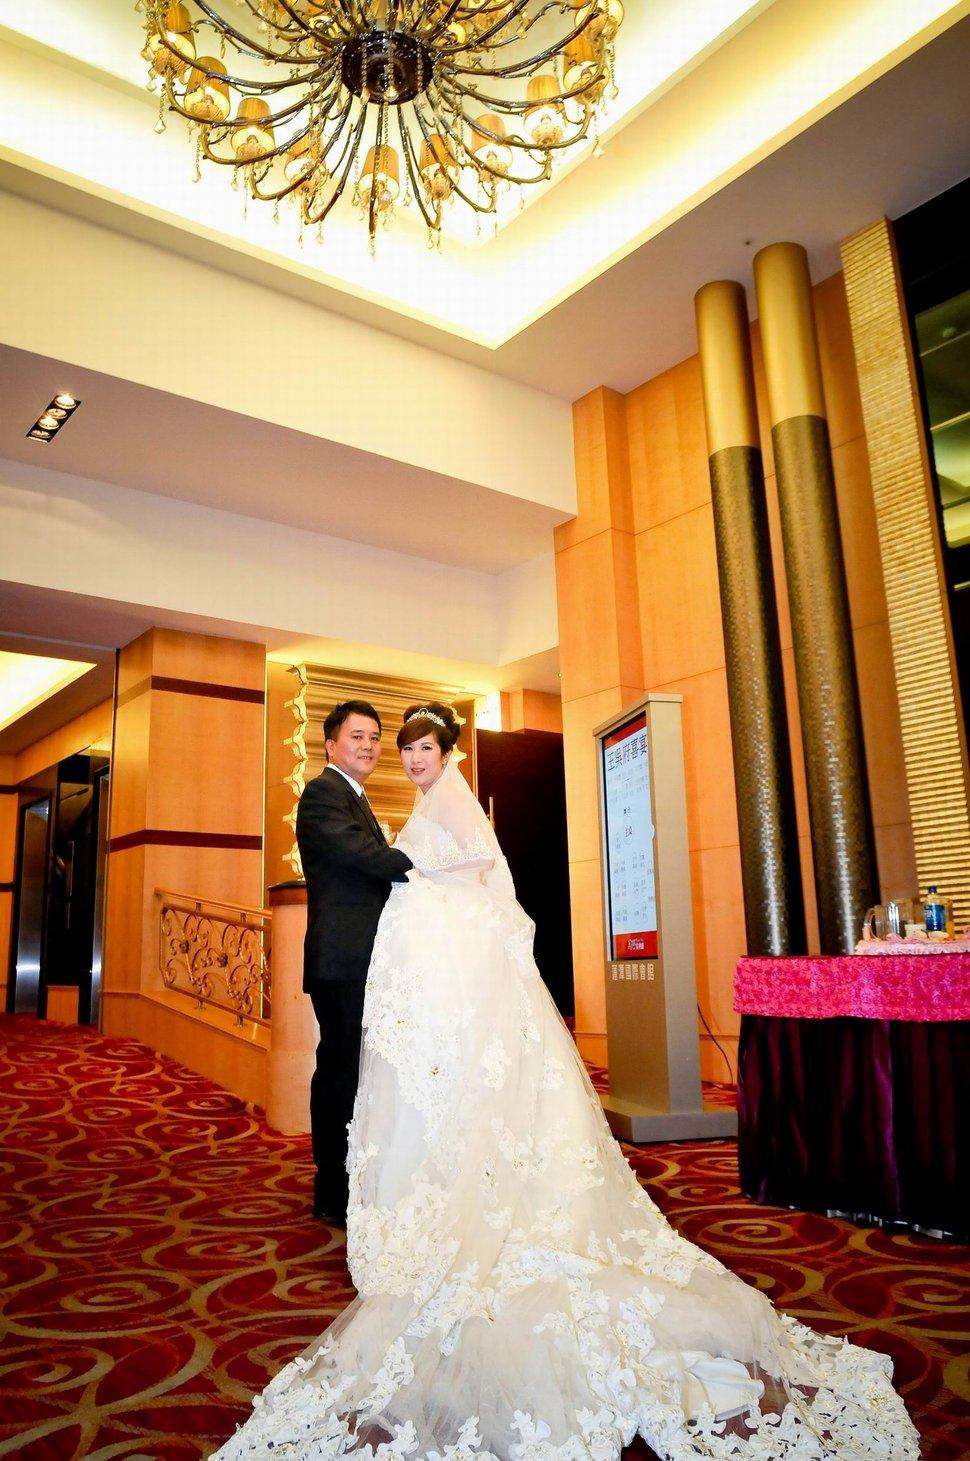 專業婚攝婚禮紀錄婚禮紀錄專業錄影婚禮錄影婚禮記錄動態微電影錄影專業錄影平面攝影婚攝婚禮主持人(編號:280571) - 蜜月拍照10800錄影12800攝影團隊 - 結婚吧